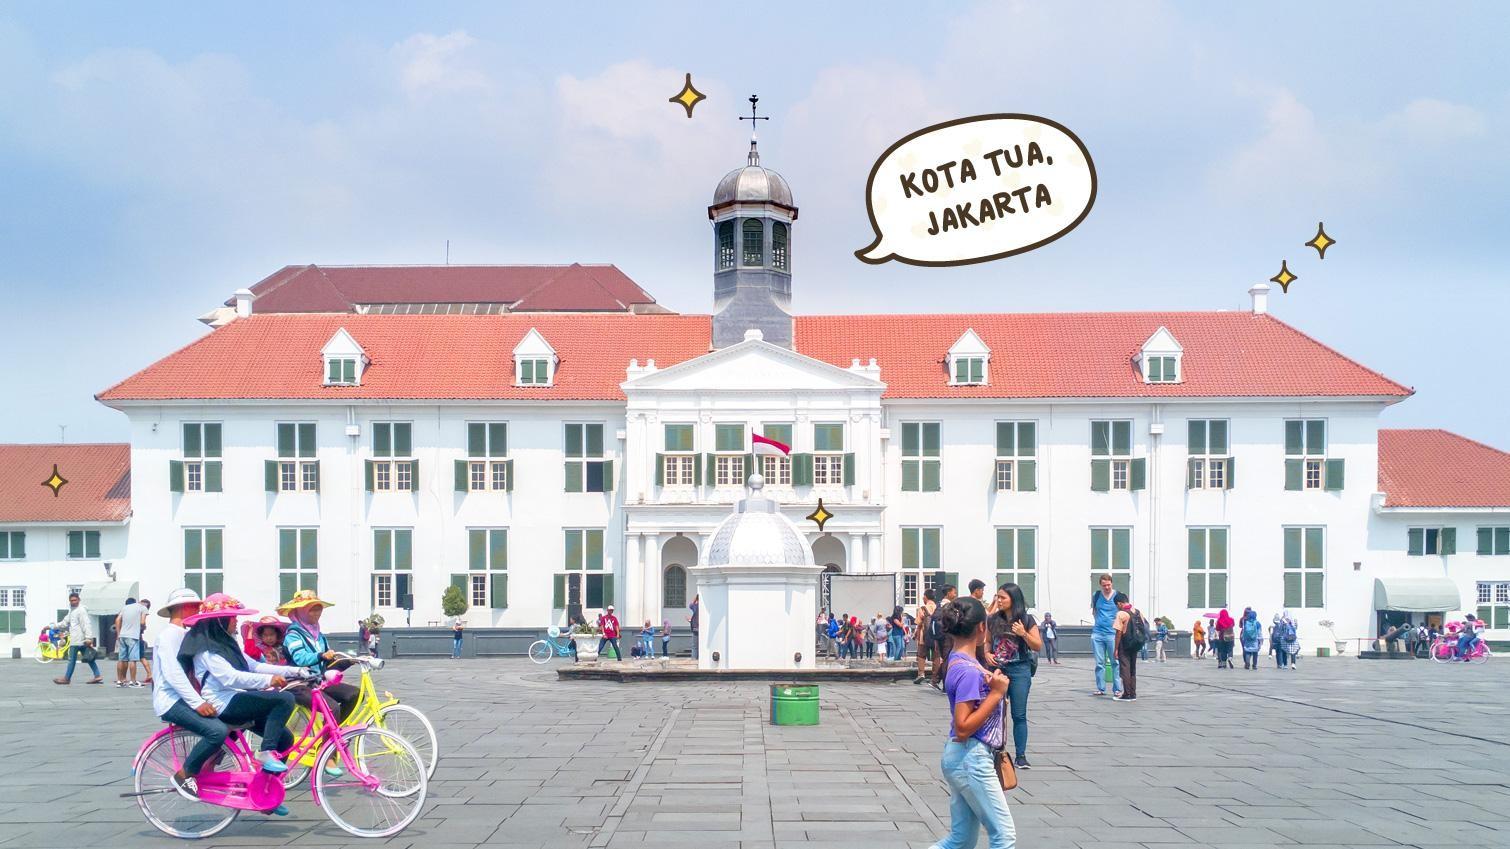 10 Tempat Bersejarah di Jakarta yang Wajib Dikunjungi